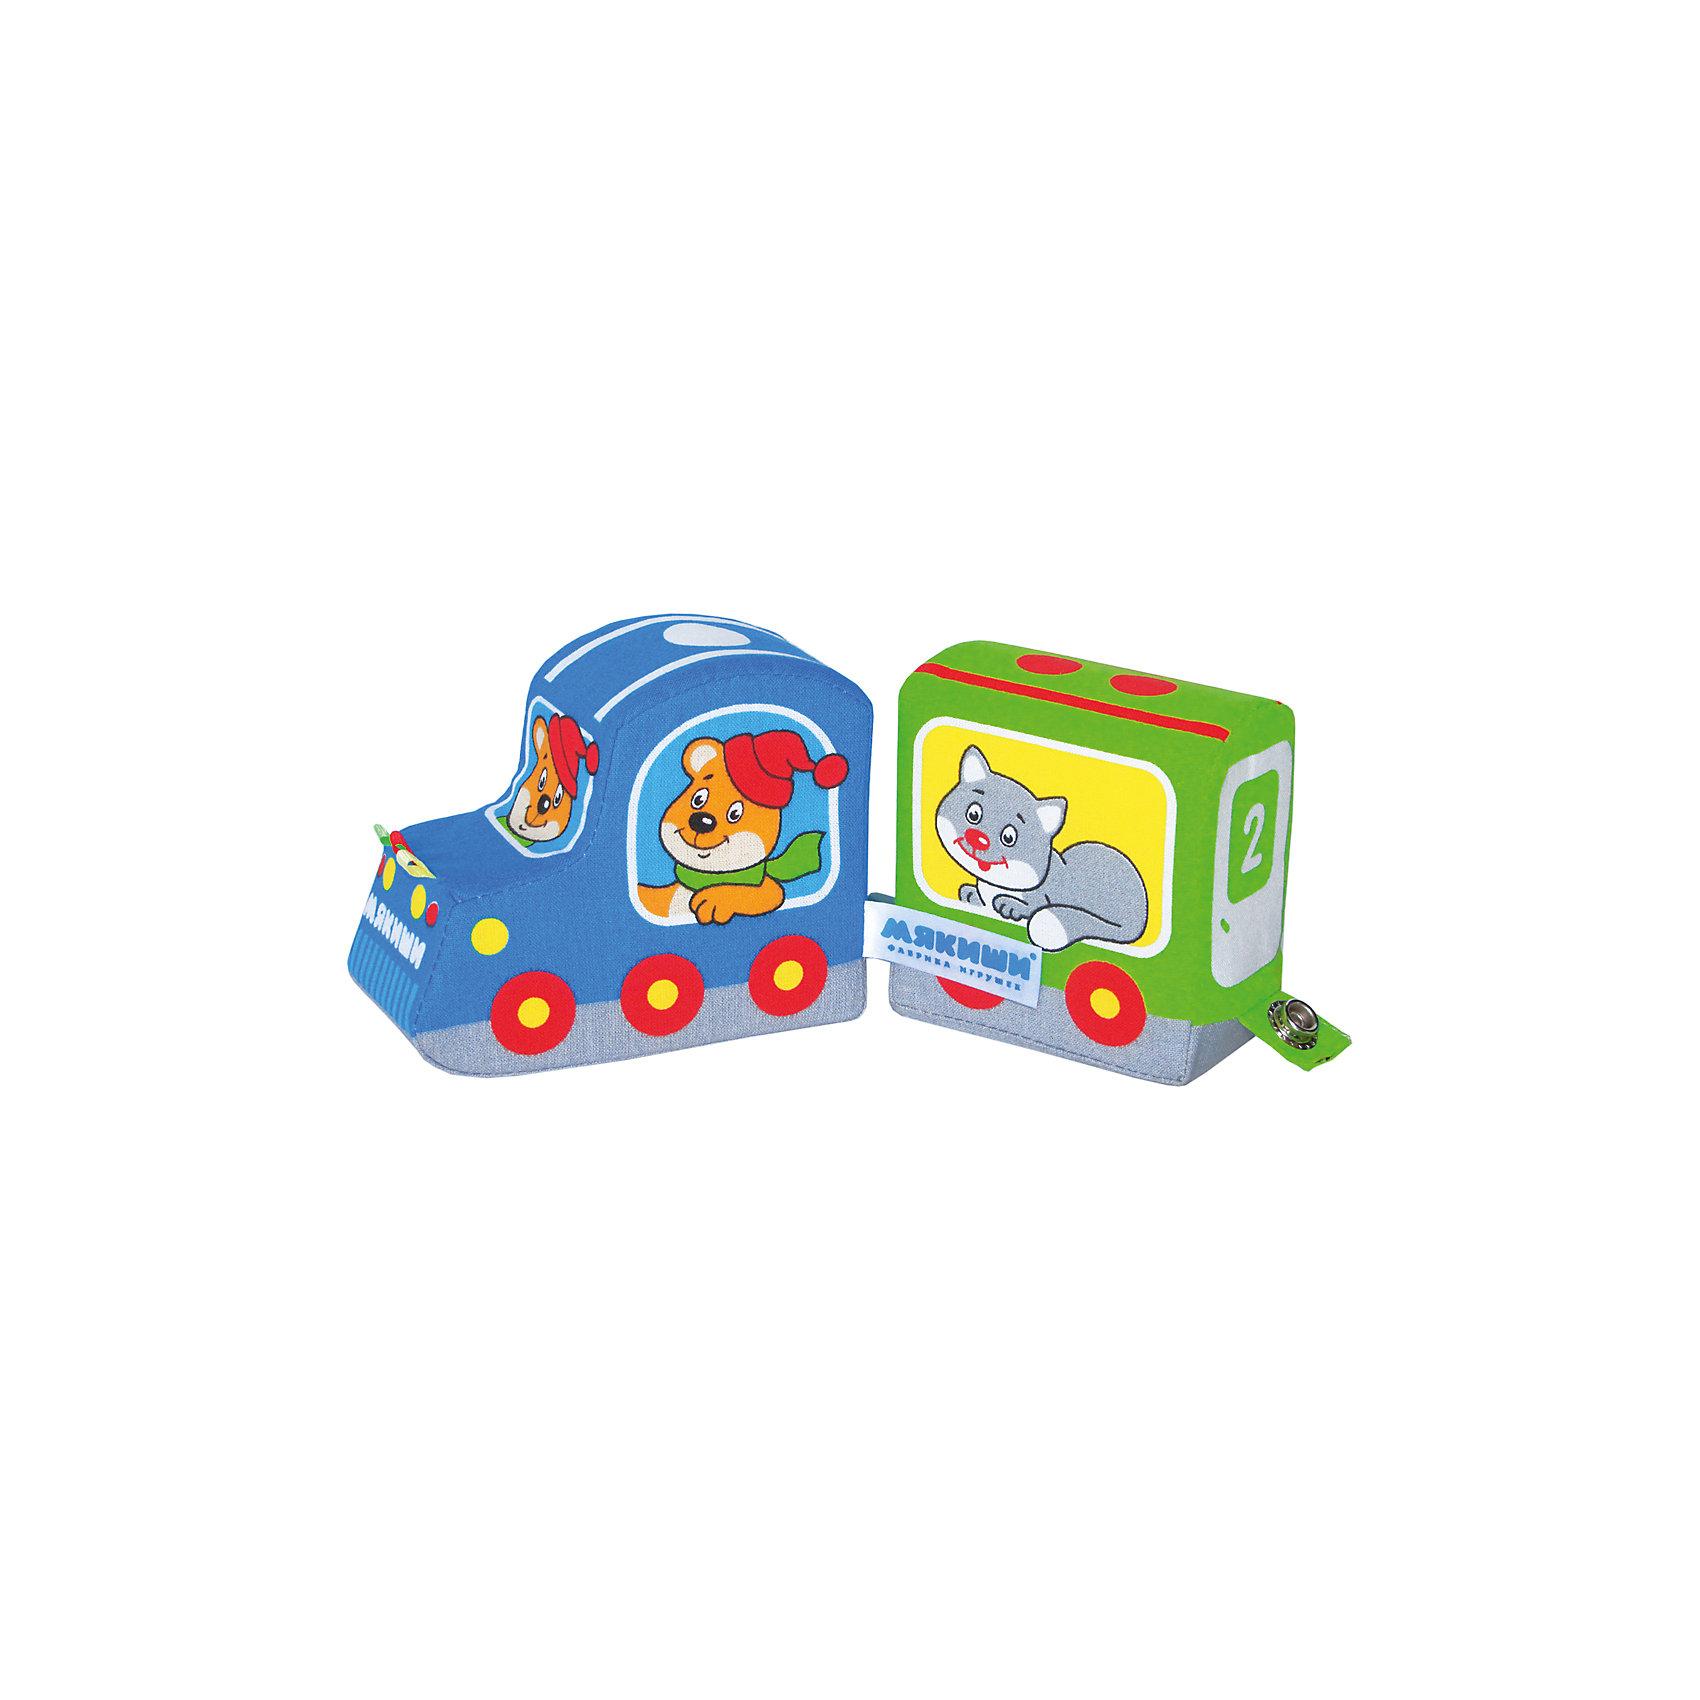 Подвижный паровозик Времена года, МякишиМягкие игрушки<br>Характеристики товара:<br><br>• материал: текстиль<br>• комплектация: 1 шт<br>• размер игрушки: 17х40хсм<br>• развивающая игрушка<br>• разнофактурный материал<br>• упаковка: пакет<br>• вагоны на кнопках<br>• страна бренда: РФ<br>• страна изготовитель: РФ<br><br>Малыши активно познают мир и тянутся к новой информации. Чтобы сделать процесс изучения окружающего пространства интереснее, ребенку можно подарить развивающие игрушки. В процессе игры информация усваивается намного лучше!<br>Такие игрушки помогут занять малыша, играть с ними приятно и весело. Игрушка дополнена вагонами на кнопках. С ней можно разыграть множество сюжетов! Одновременно она позволит познакомиться с разными цветами и фактурами, а тапкже с временами года. Такие игрушки развивают тактильные ощущения, моторику, цветовосприятие, логику, воображение, учат фокусировать внимание. Каждое изделие абсолютно безопасно – оно создано из качественной ткани с мягким наполнителем. Игрушки производятся из качественных и проверенных материалов, которые безопасны для детей.<br><br>Подвижный паровозик Времена года от бренда Мякиши можно купить в нашем интернет-магазине.<br><br>Ширина мм: 450<br>Глубина мм: 100<br>Высота мм: 60<br>Вес г: 50<br>Возраст от месяцев: 12<br>Возраст до месяцев: 36<br>Пол: Мужской<br>Возраст: Детский<br>SKU: 5183171